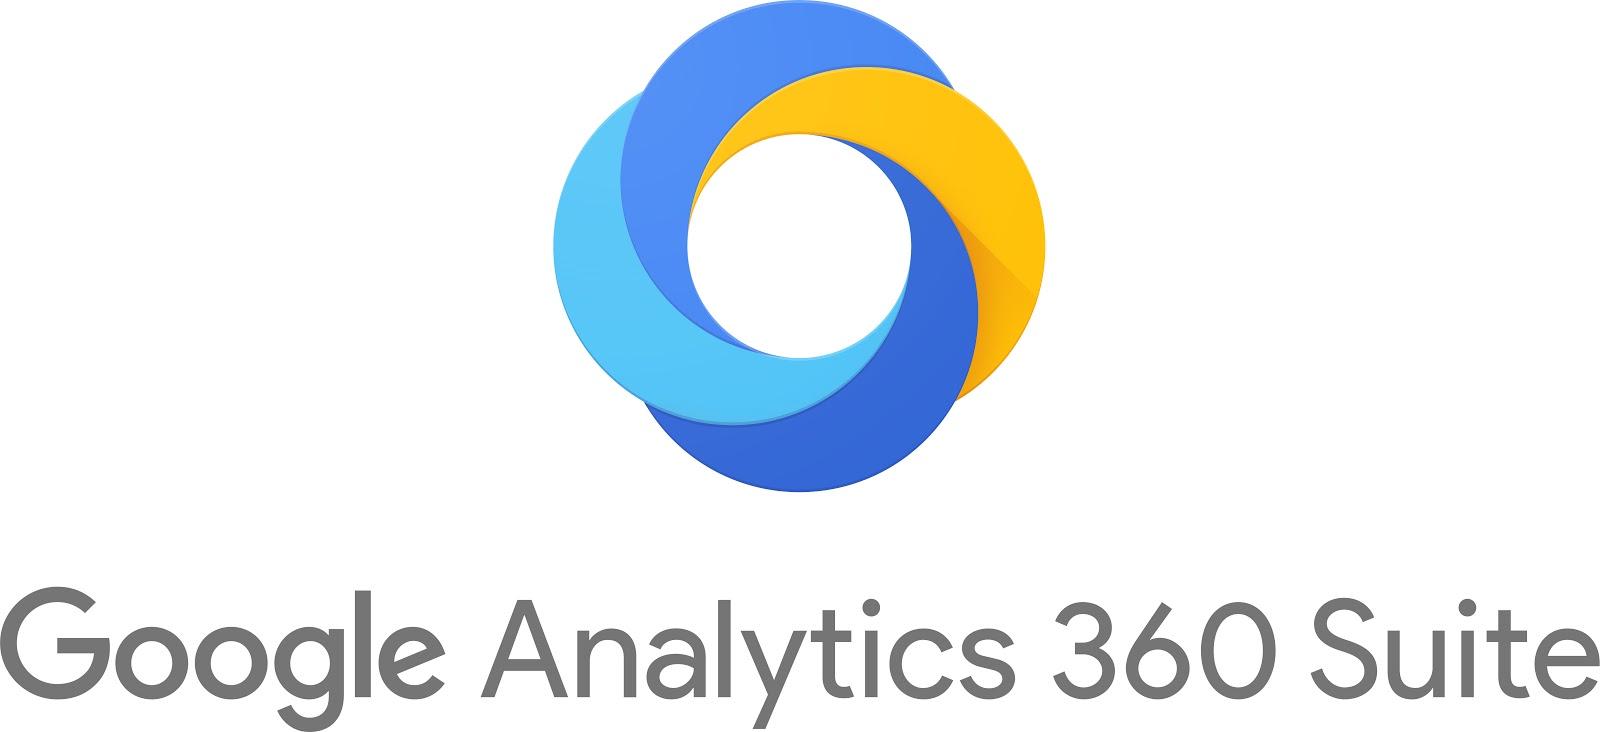 Resultado de imagem para O Google Analytics 360 Suíte